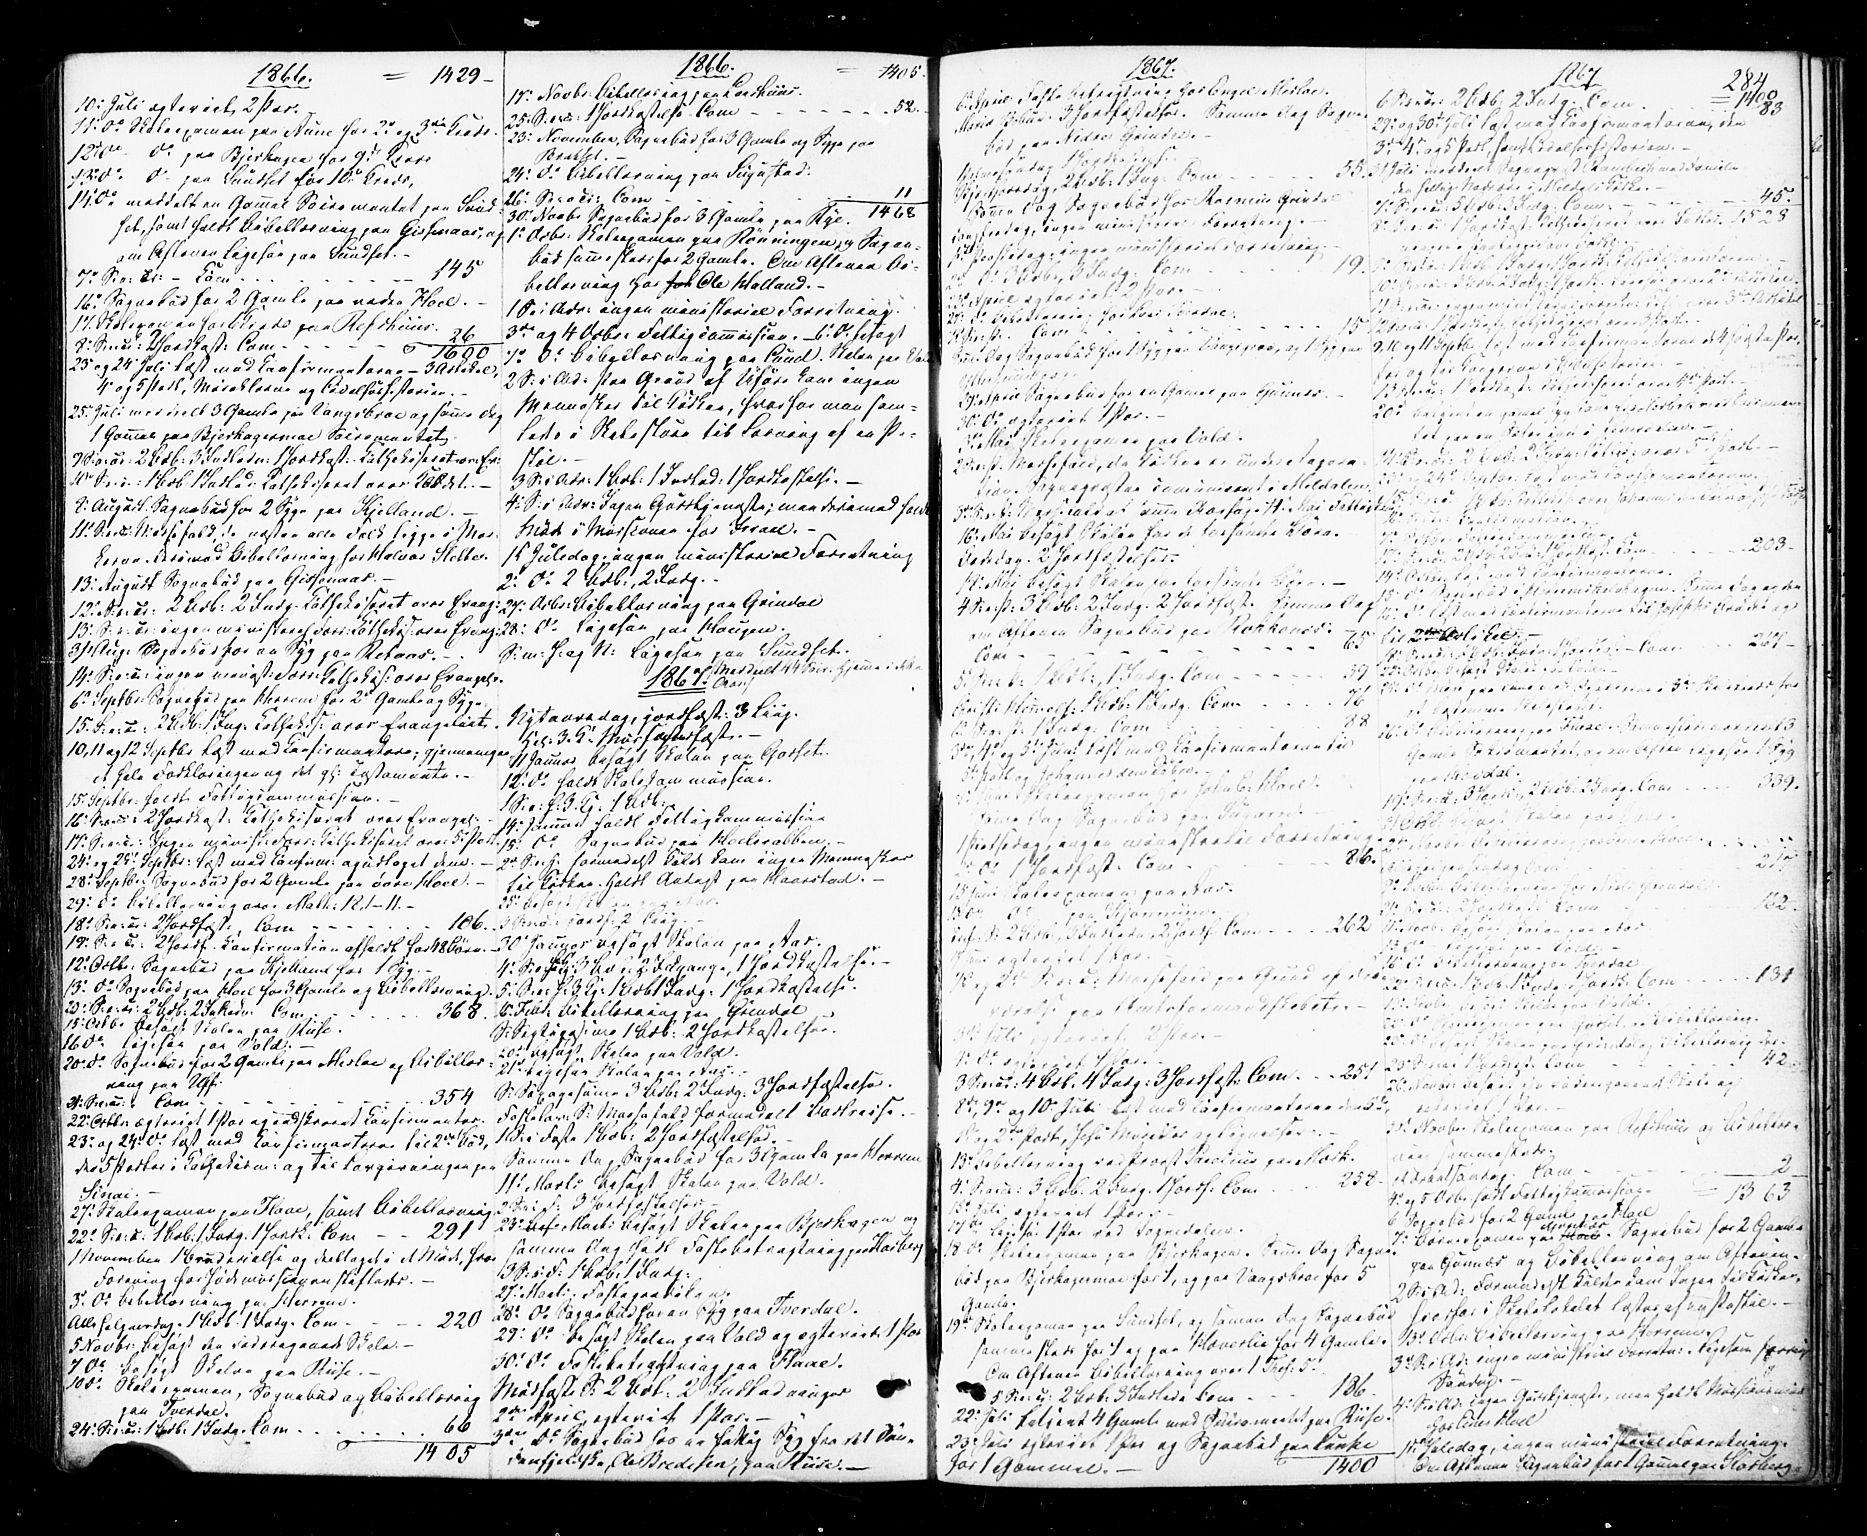 SAT, Ministerialprotokoller, klokkerbøker og fødselsregistre - Sør-Trøndelag, 674/L0870: Ministerialbok nr. 674A02, 1861-1879, s. 284